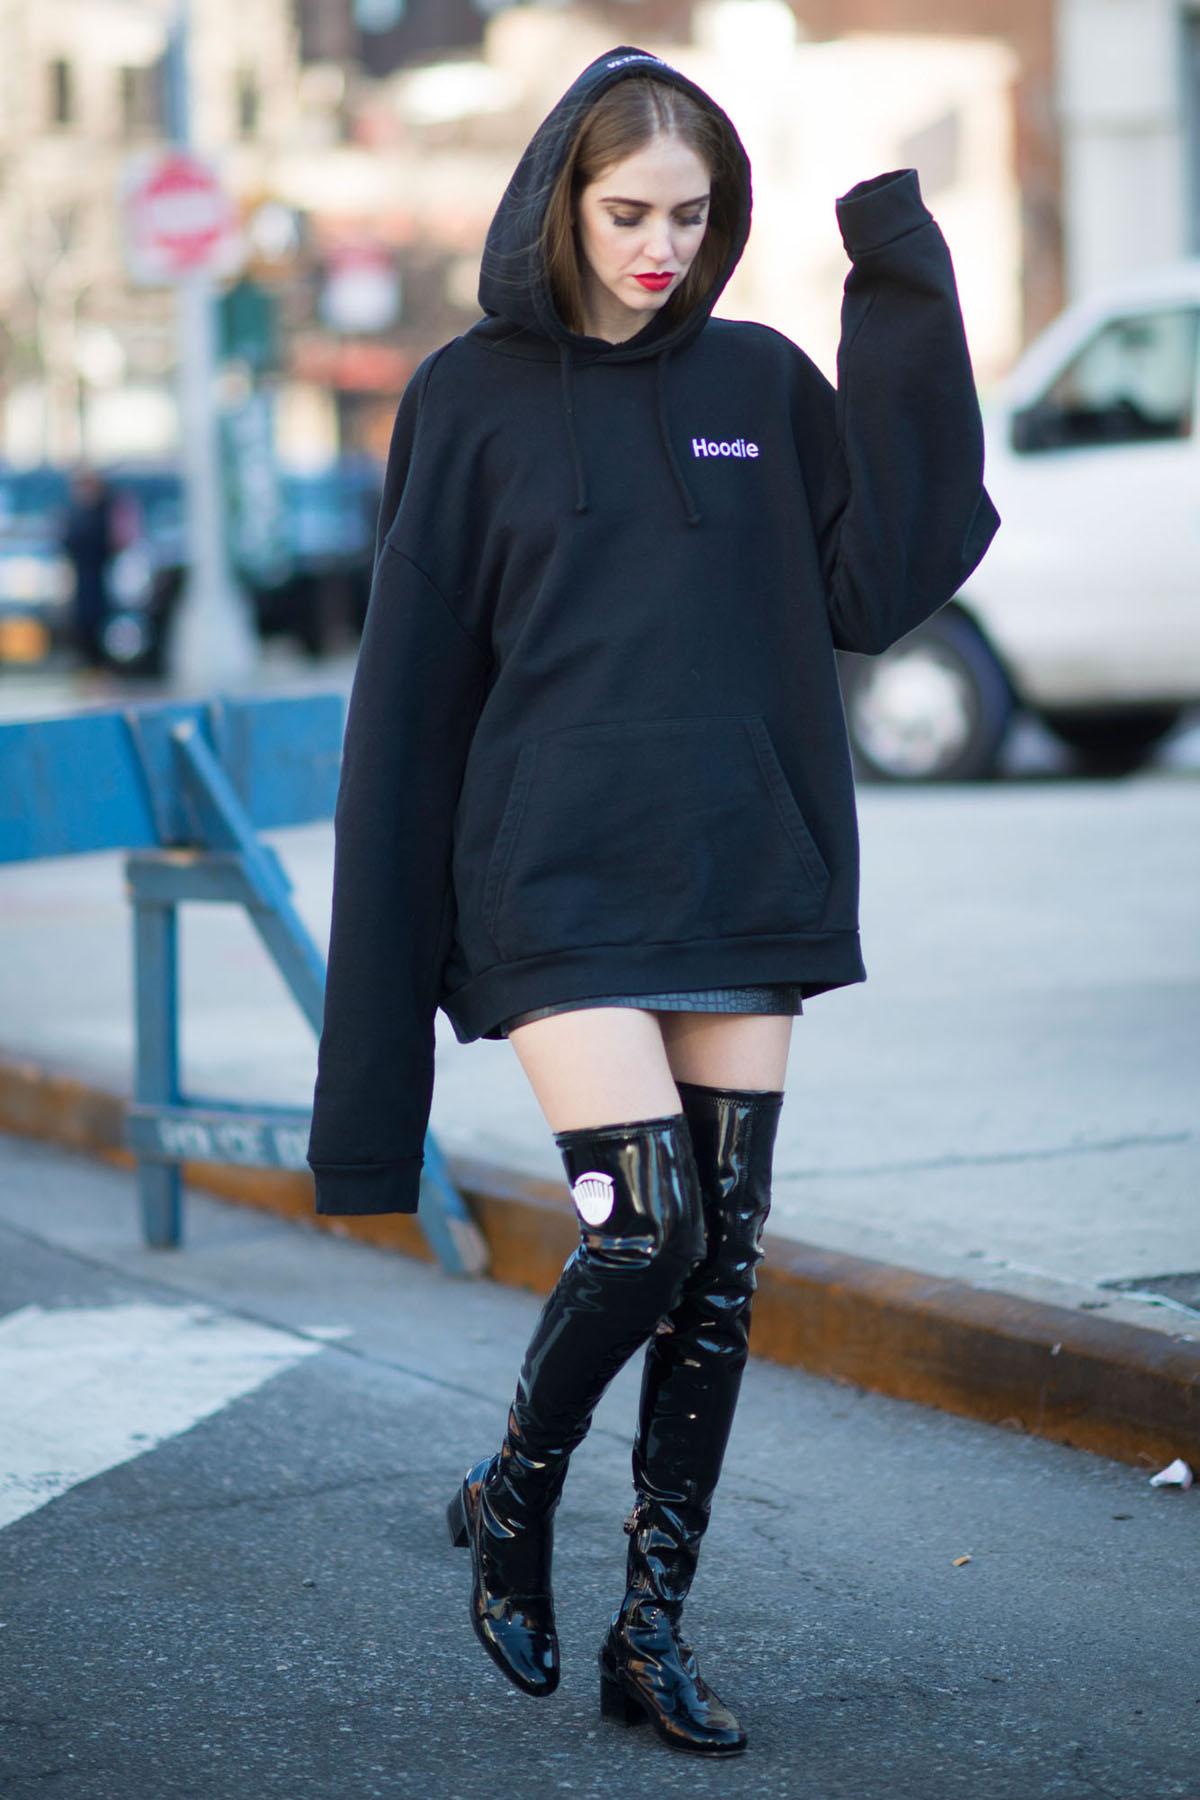 Một số mẫu áo quá khổ Không chỉ trang phục ôm sát mới ảnh hưởng sức khỏe. Những chiếc áo oversized nặng nề cũng gây khó chịu ở cổ và lưng. Tay áo rộng khiến bạn phải giữ cánh tay ở vị trí không tự nhiên, dẫn đến tình trạng căng cơ.Riêng với hoodie, khi đội mũ áo, bạn thường phải vươn cổ để quan sát xung quanh. Còn nếu bạn không đội mũ, sức nặng của nó sẽ kéo áo khít lên cổ một cách khó chịu.